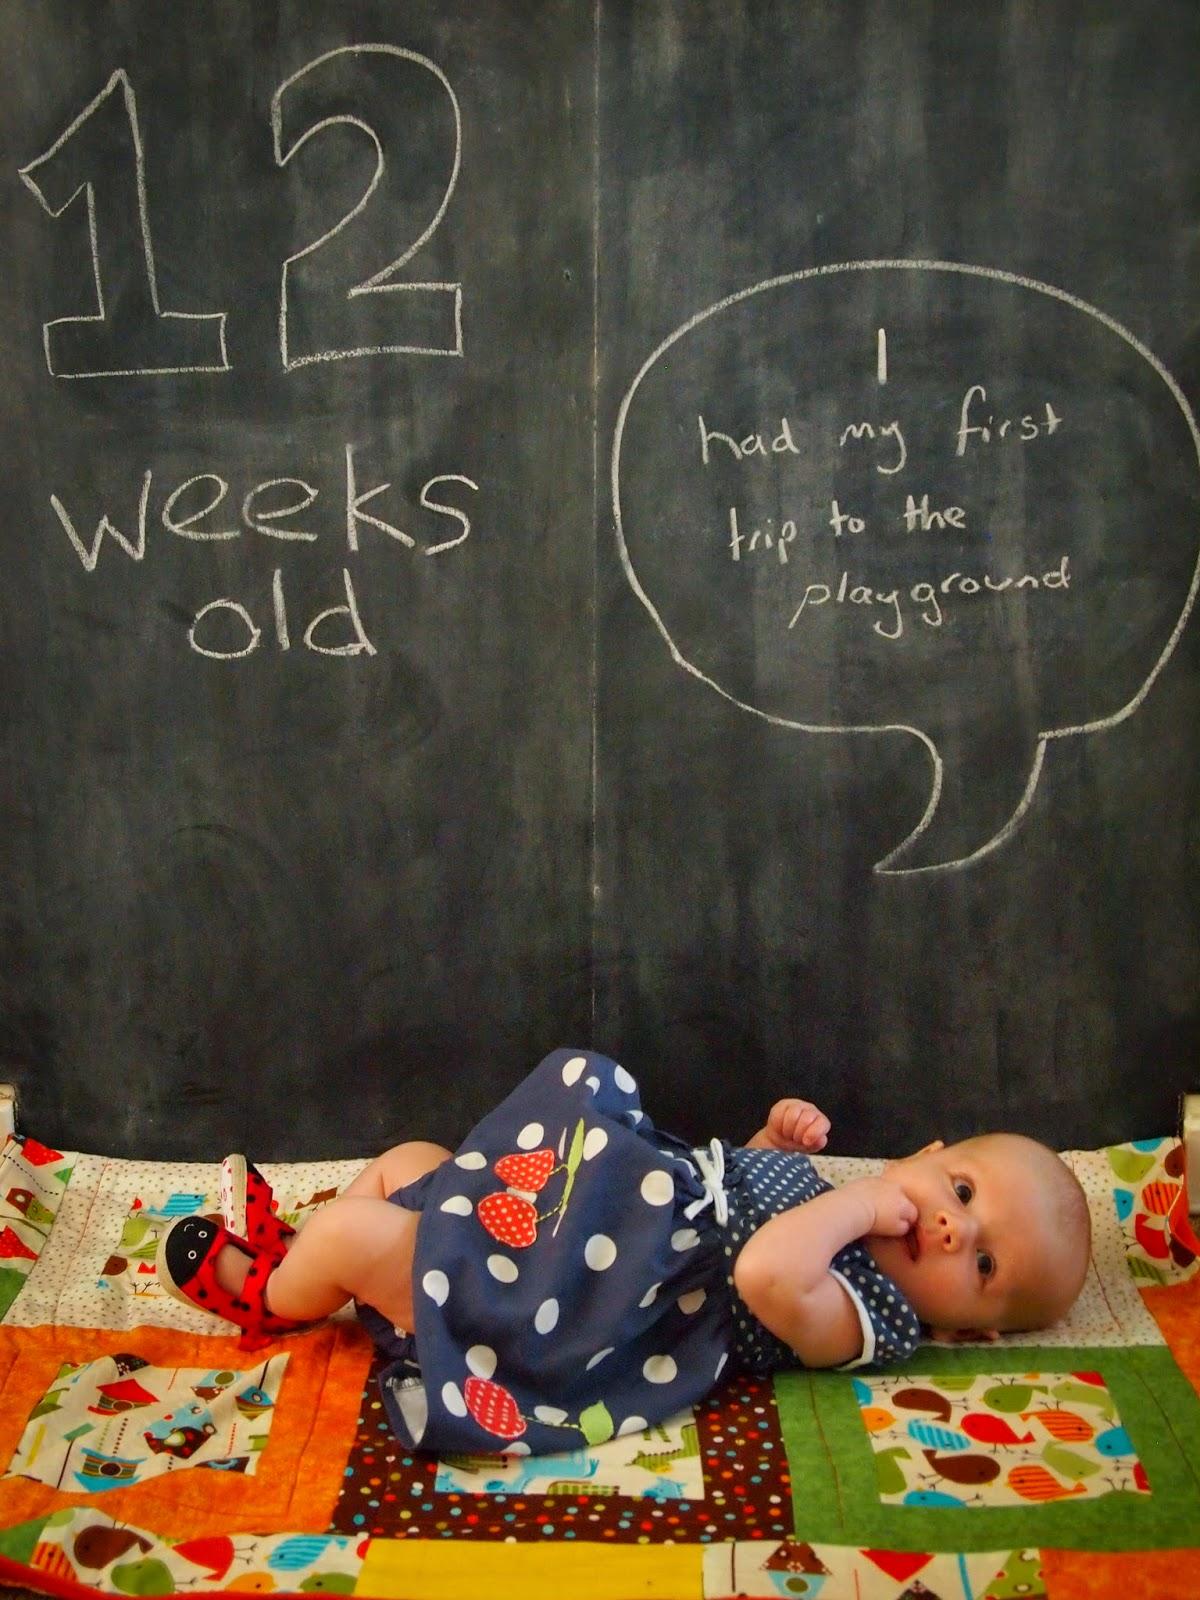 12 Weeks Old.